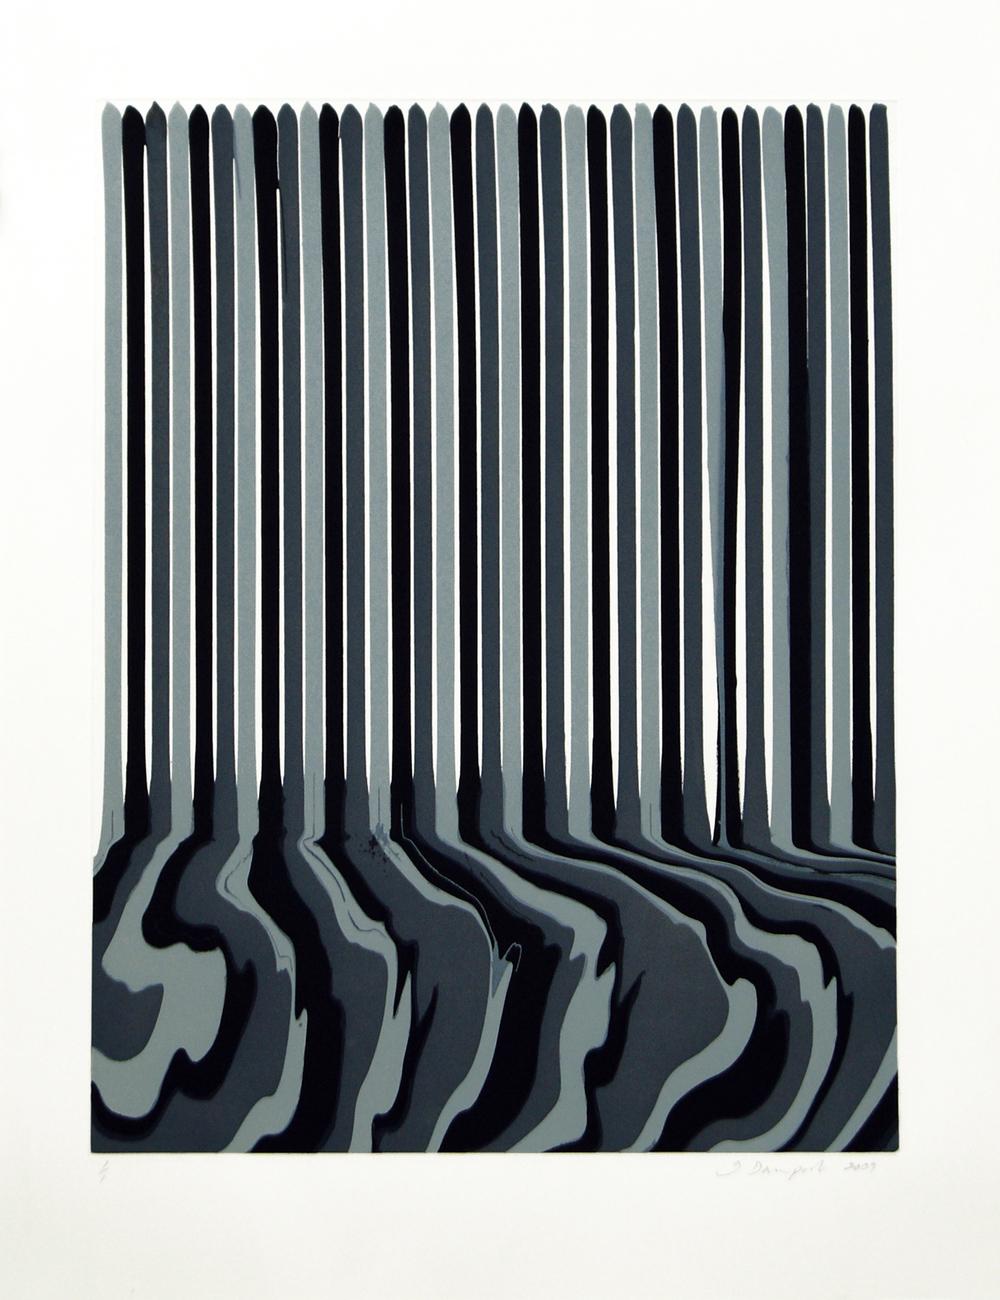 Ian Davenport  Etched  Puddle: 16 • 2009 Gravura em metal Edição: única Papel: 86.5 x 67.0